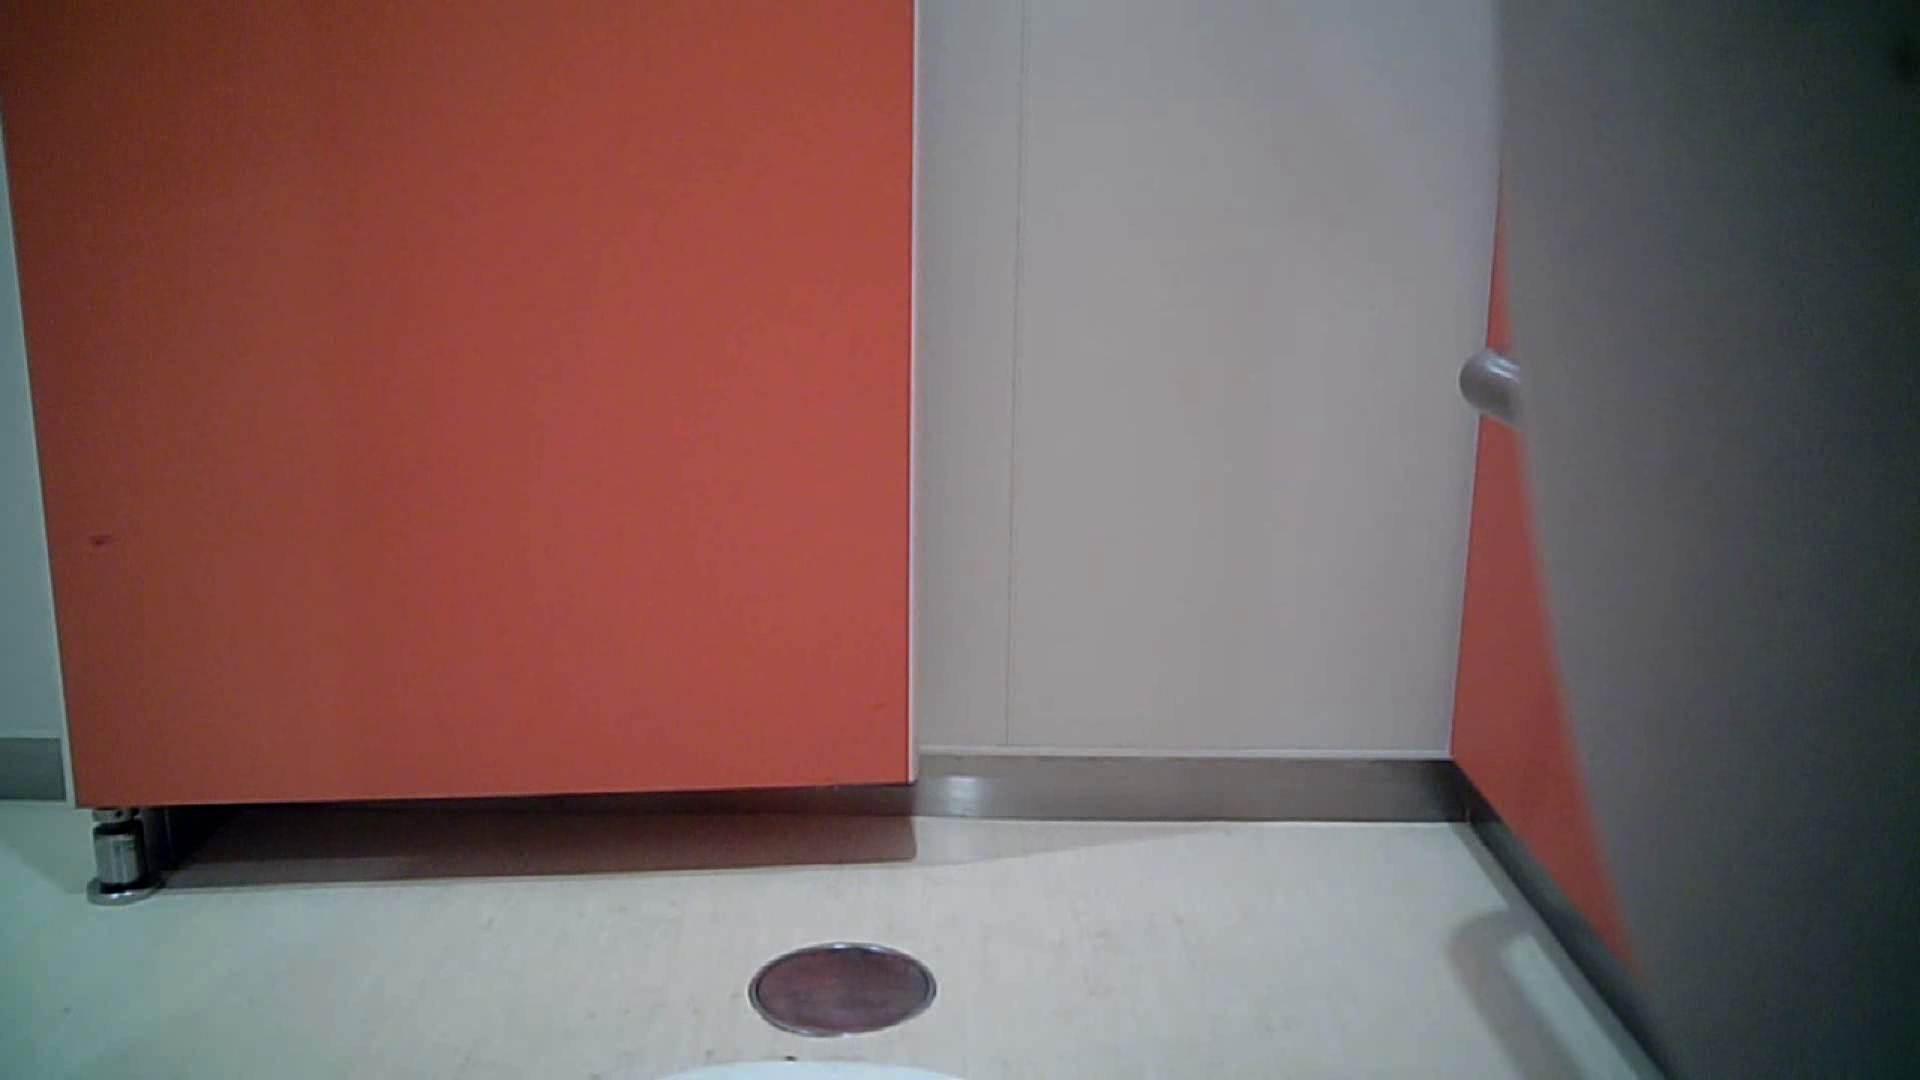 痴態洗面所 Vol.04 上と下の割合が絶妙です。 OLのボディ | 洗面所  79PIX 43